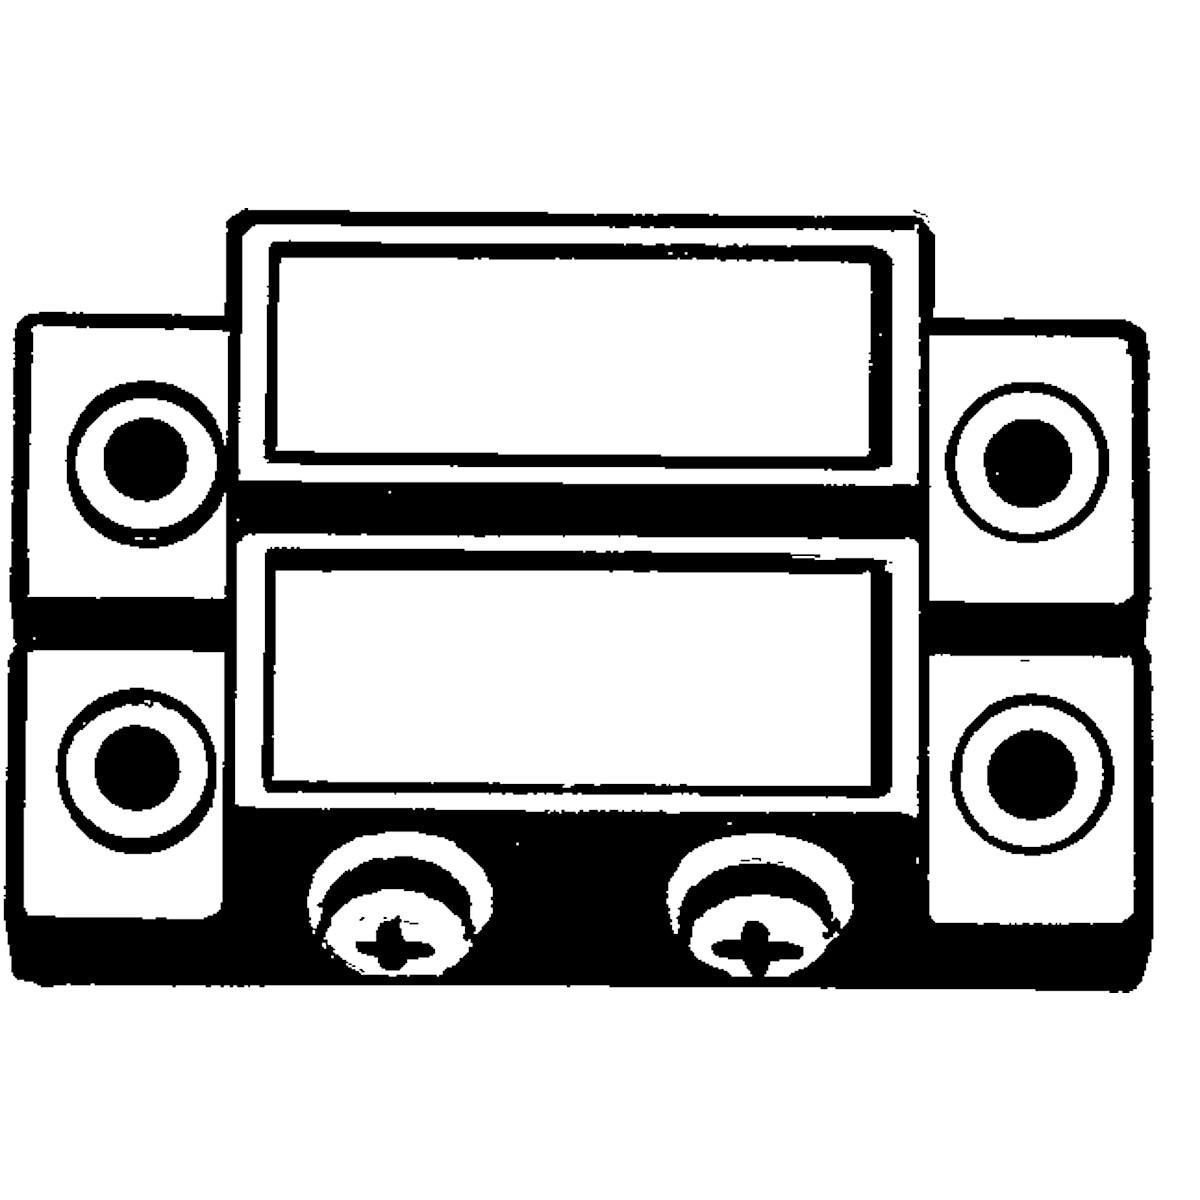 Magnetisk larmkontakt